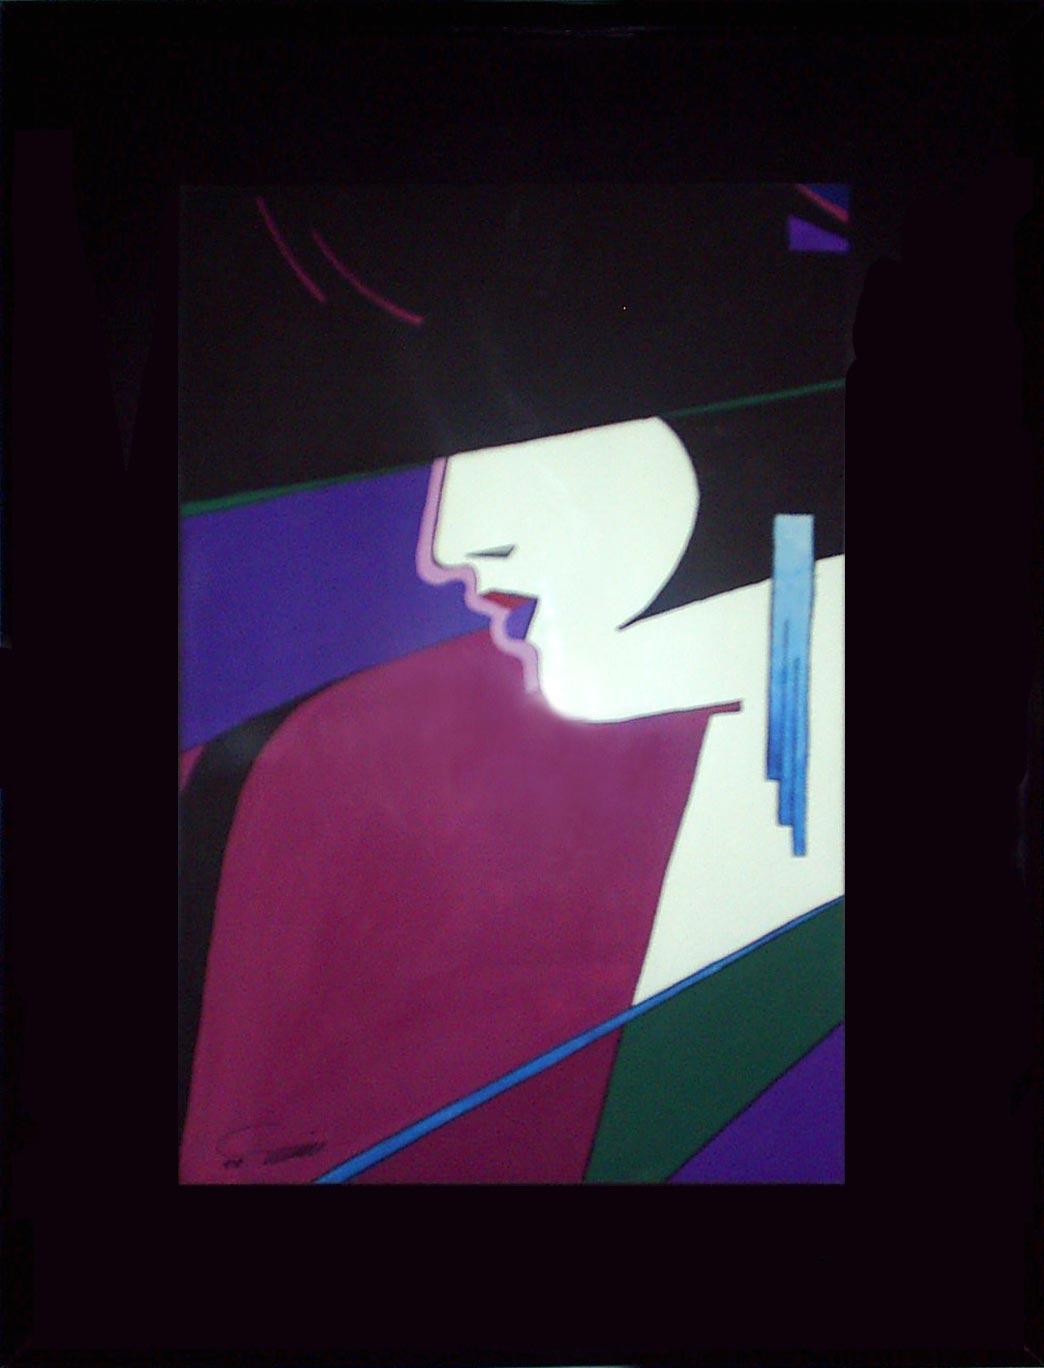 آثار نقاشی گواش روی کاغذ - 3